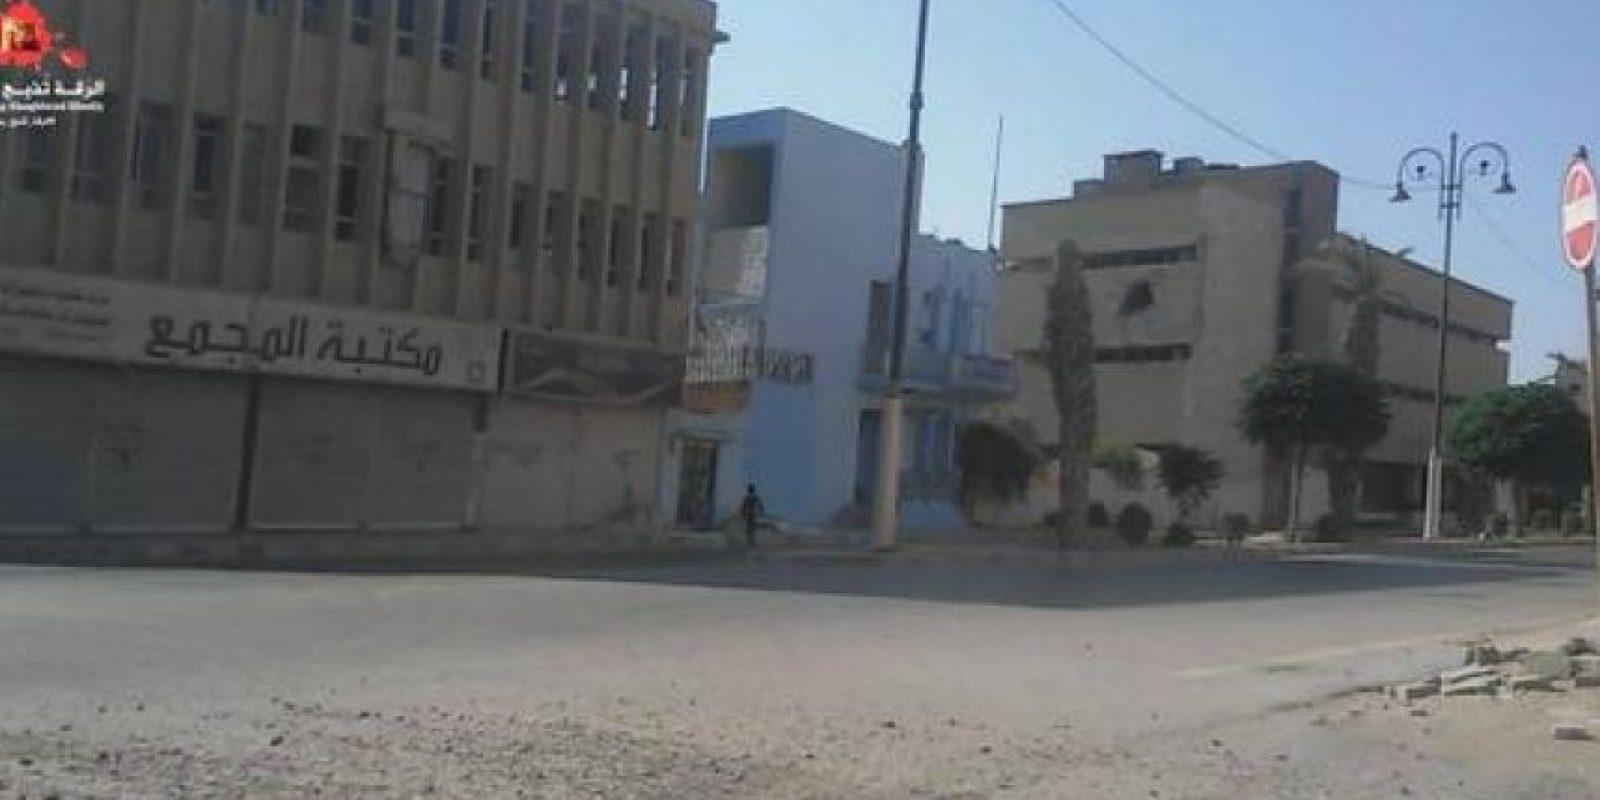 Así lucen las calles de las principales ciudades de Irak y Siriaº Foto:Twitter.com/raqqa_mcr